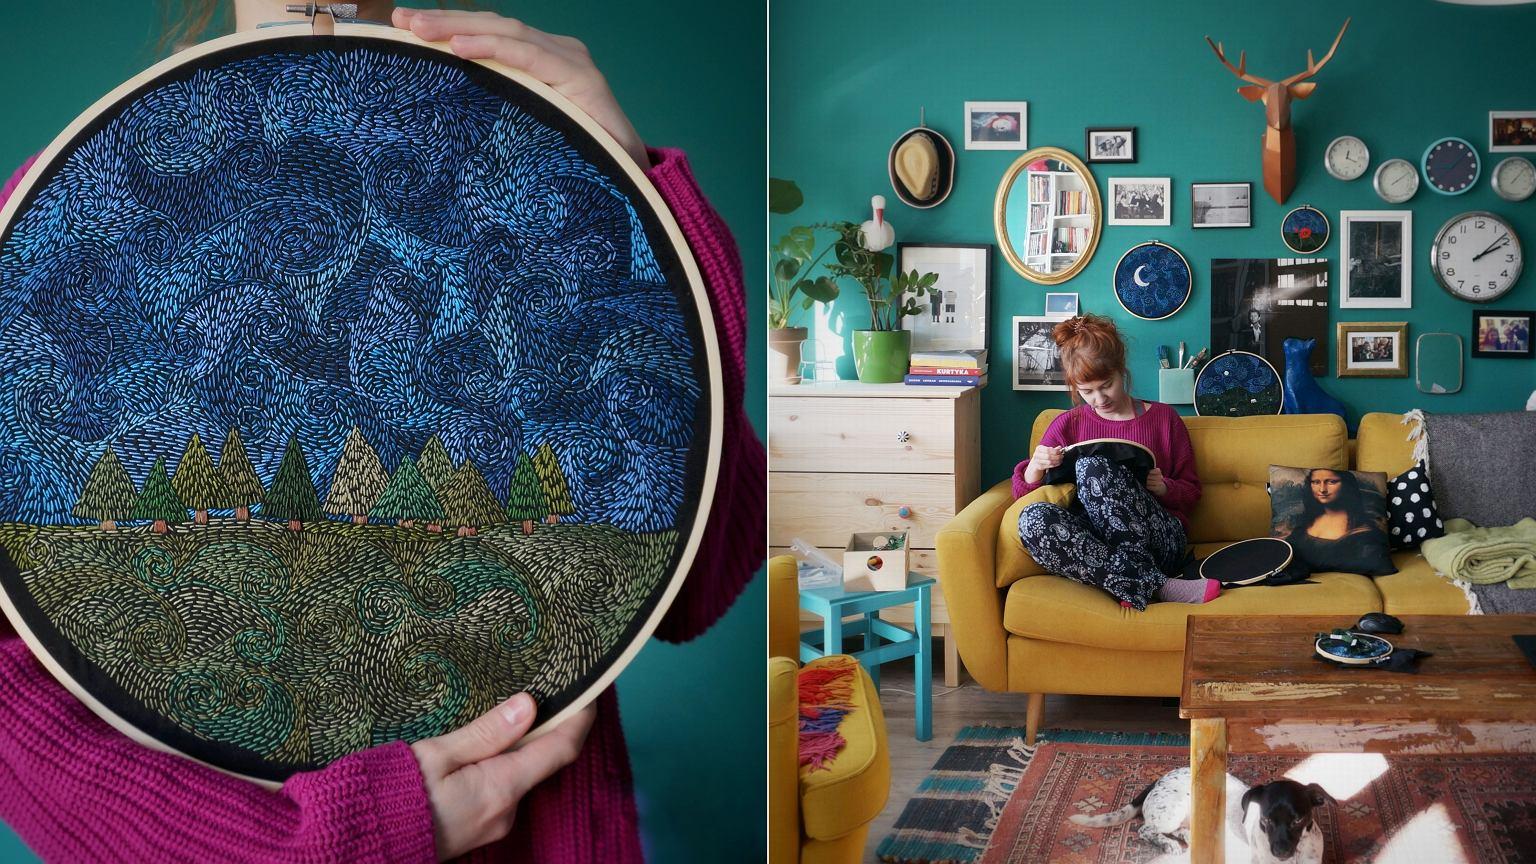 Kaja w sieci jest znana jako Na(Nie)Wymiar Embroidery. Klienci porównują jej malowane igłą tamborki do dzieł Van Gogha